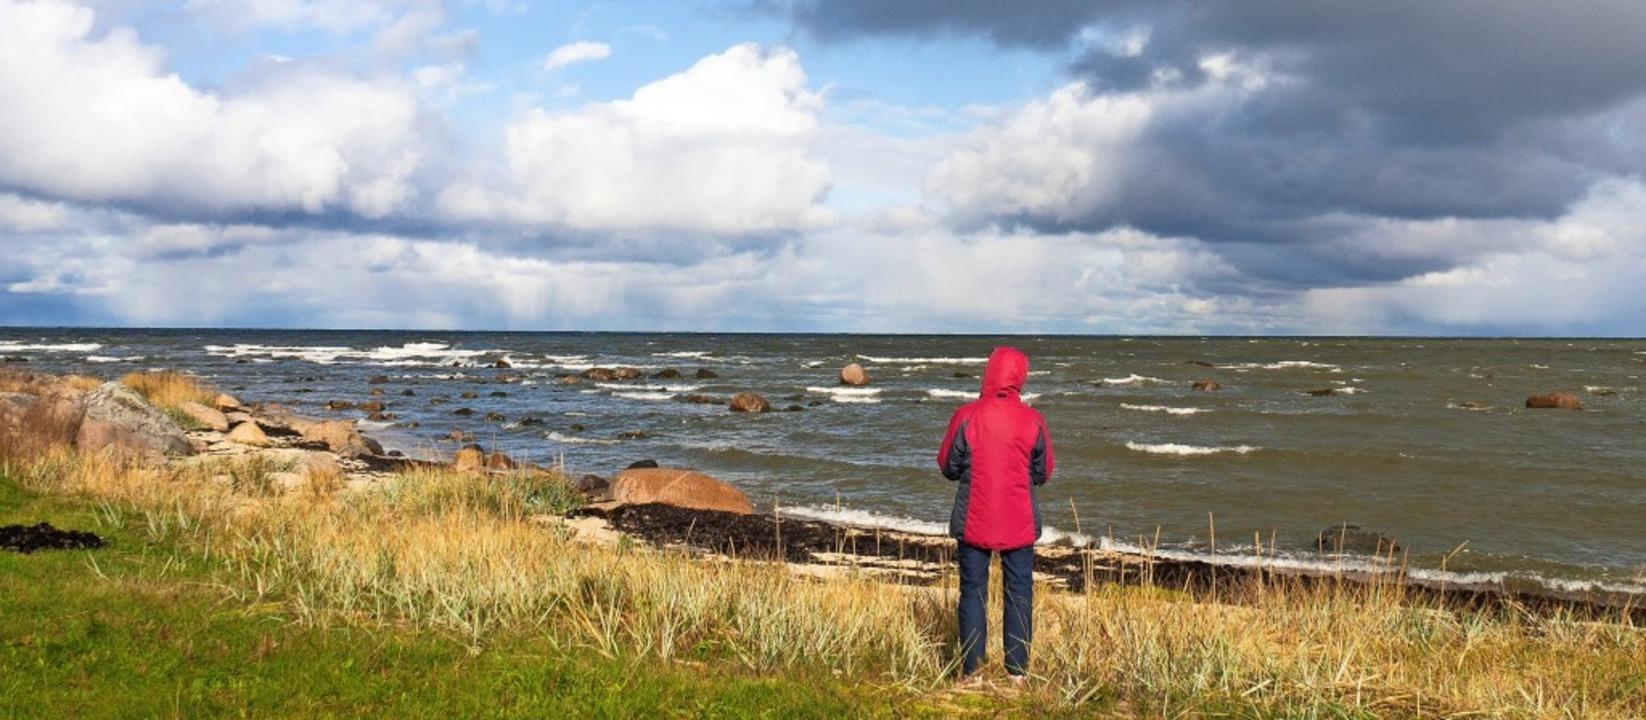 Blick aufs raue Meer: Die Nordküste vo...m Tahkuna ist wild und der Wind bläst.  | Foto: Andreas Drouve